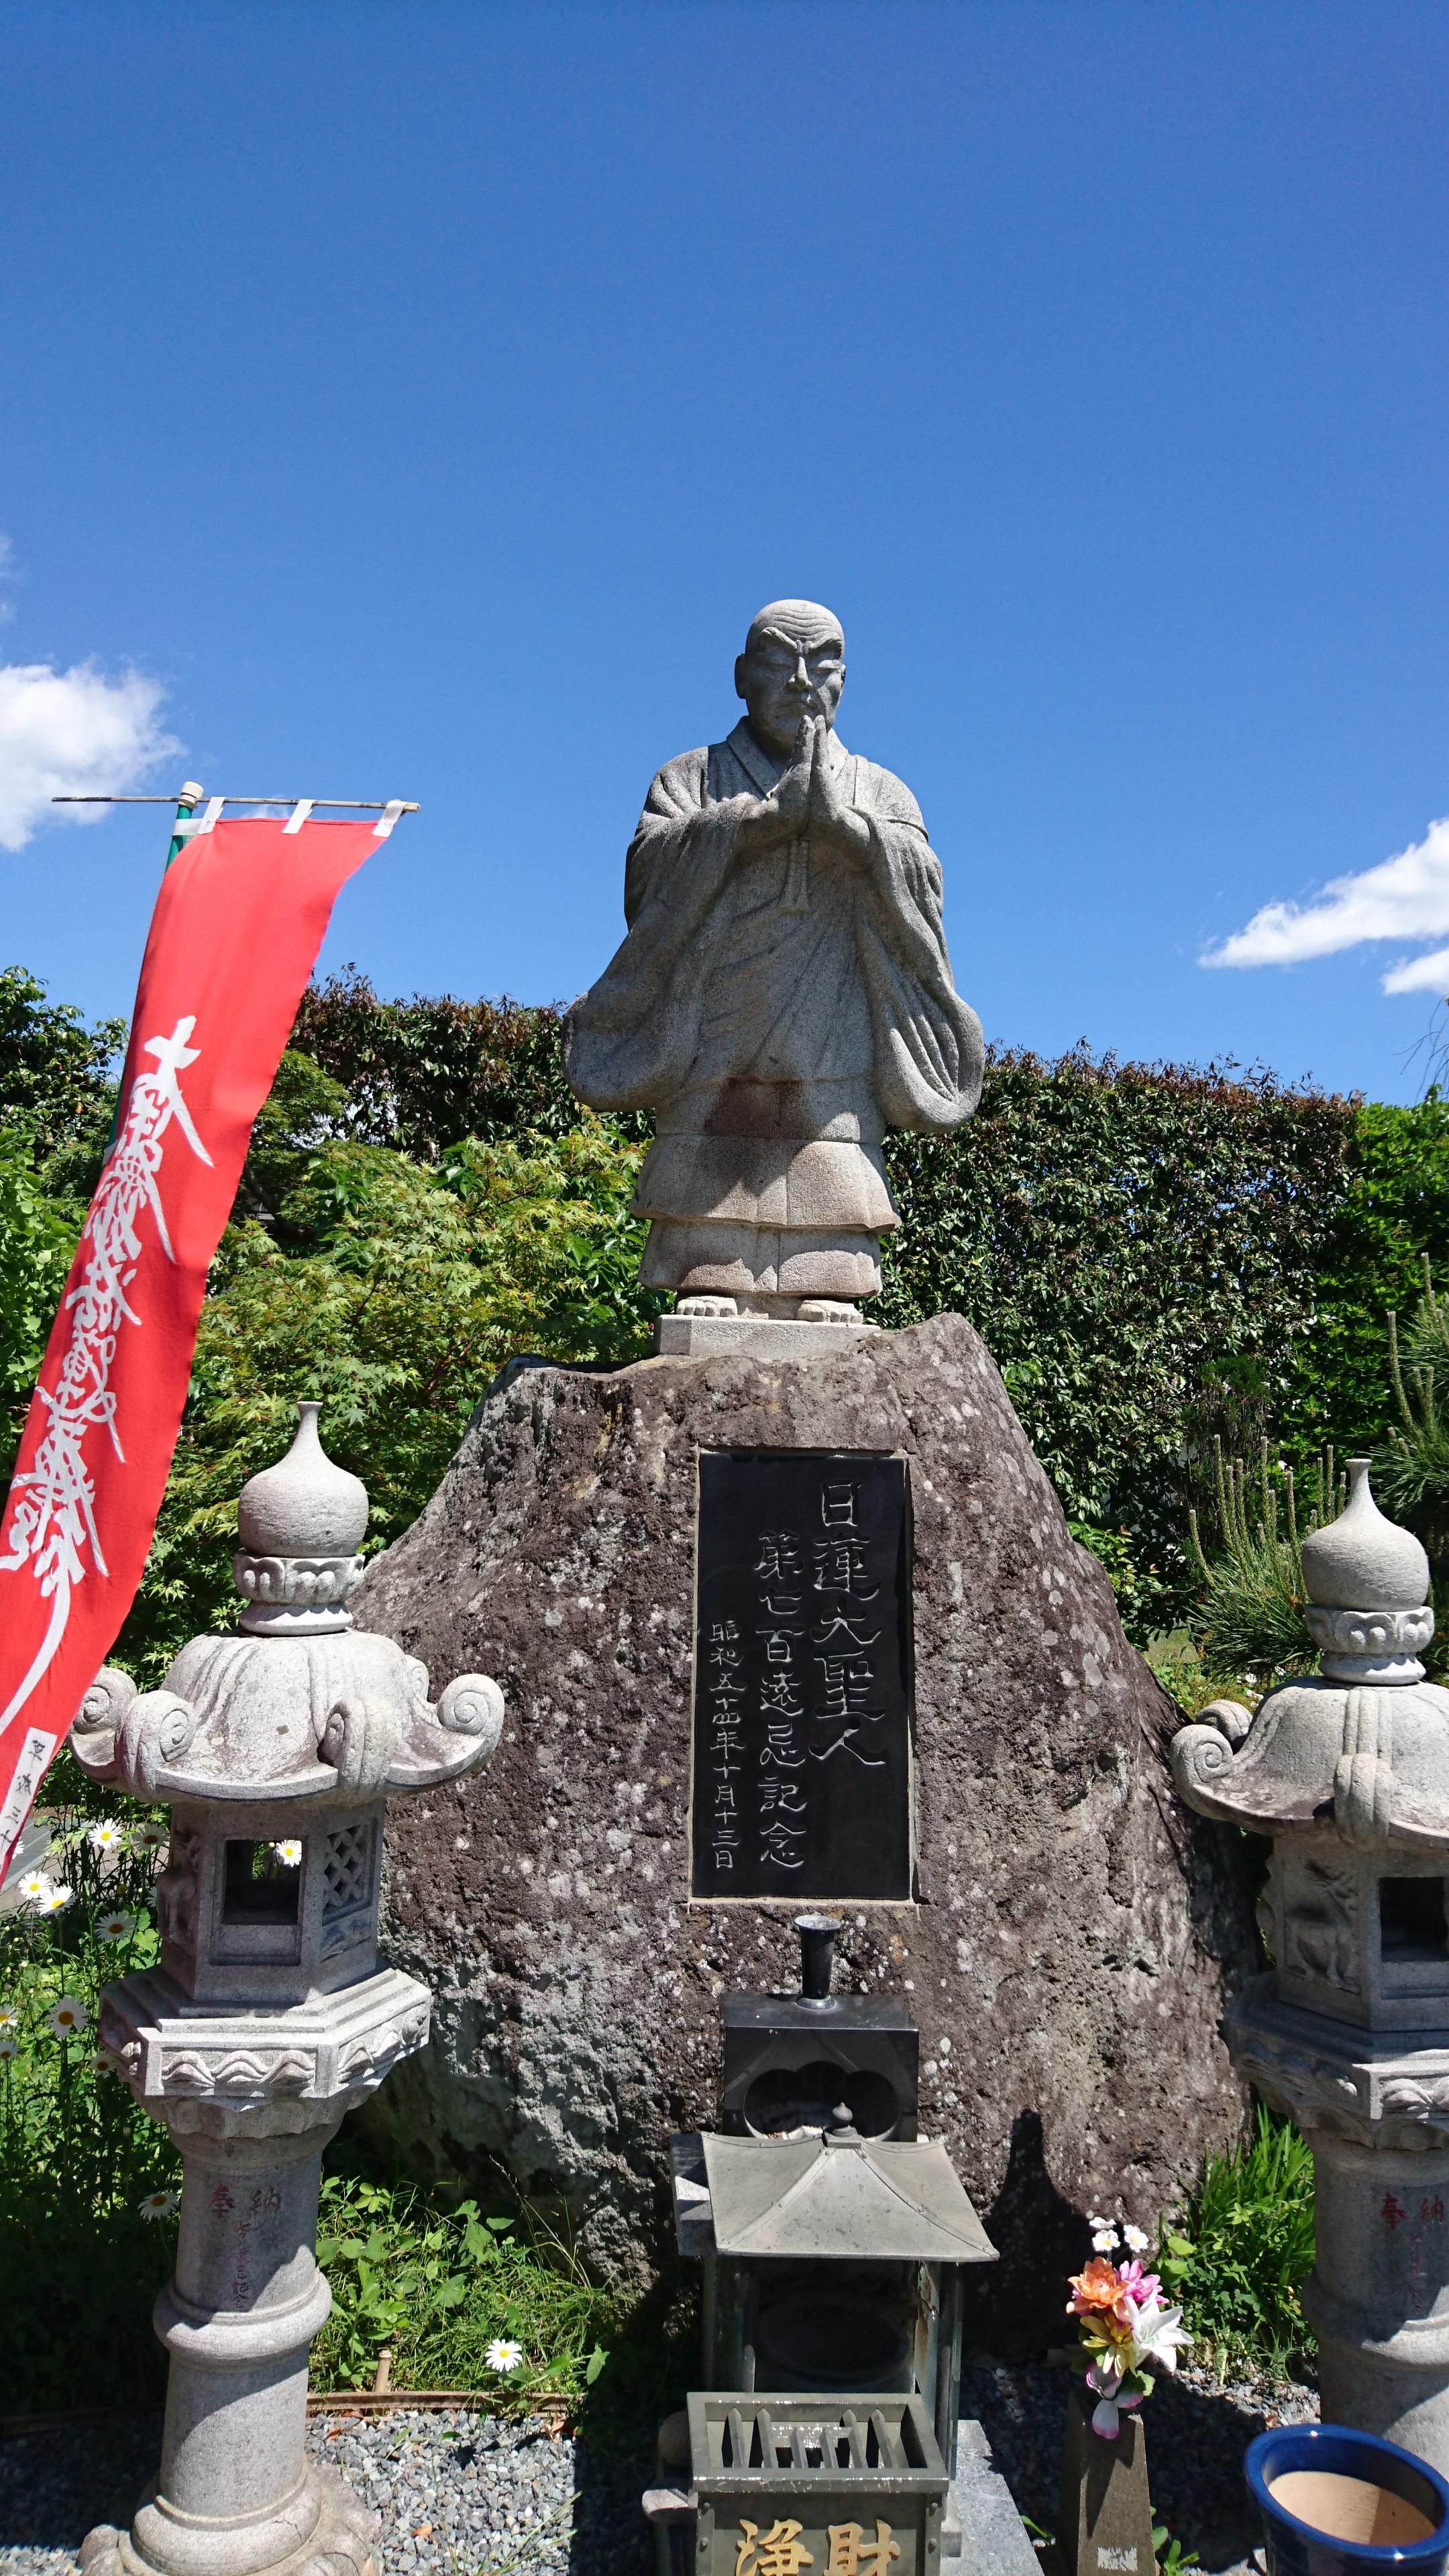 上澤寺の像